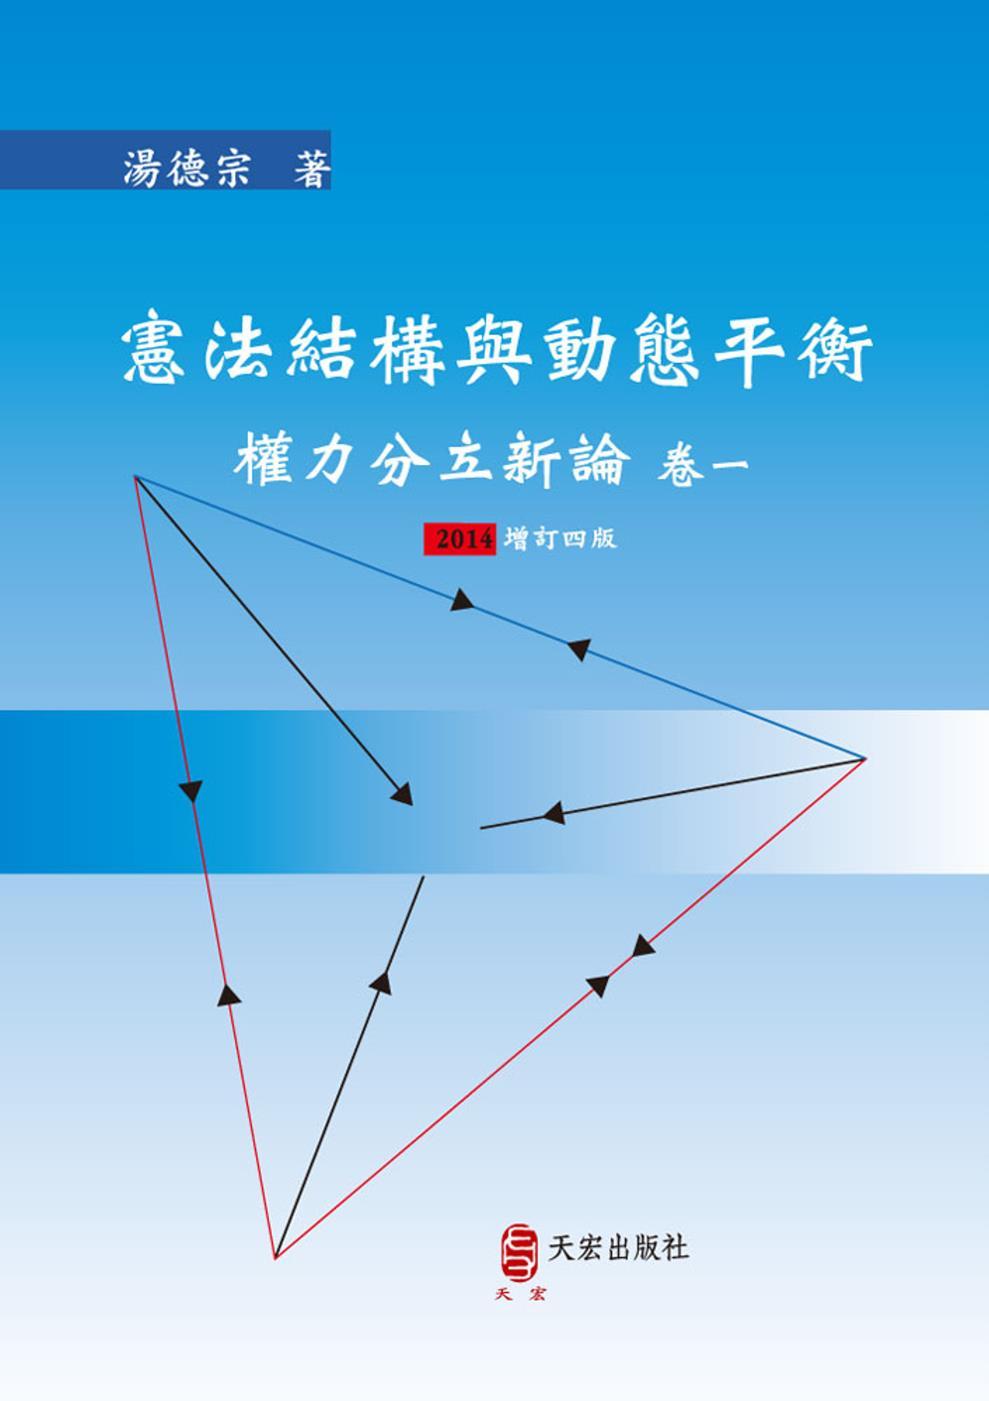 憲法結構與動態平衡^(2014增訂四版^):權力分立新論 卷一